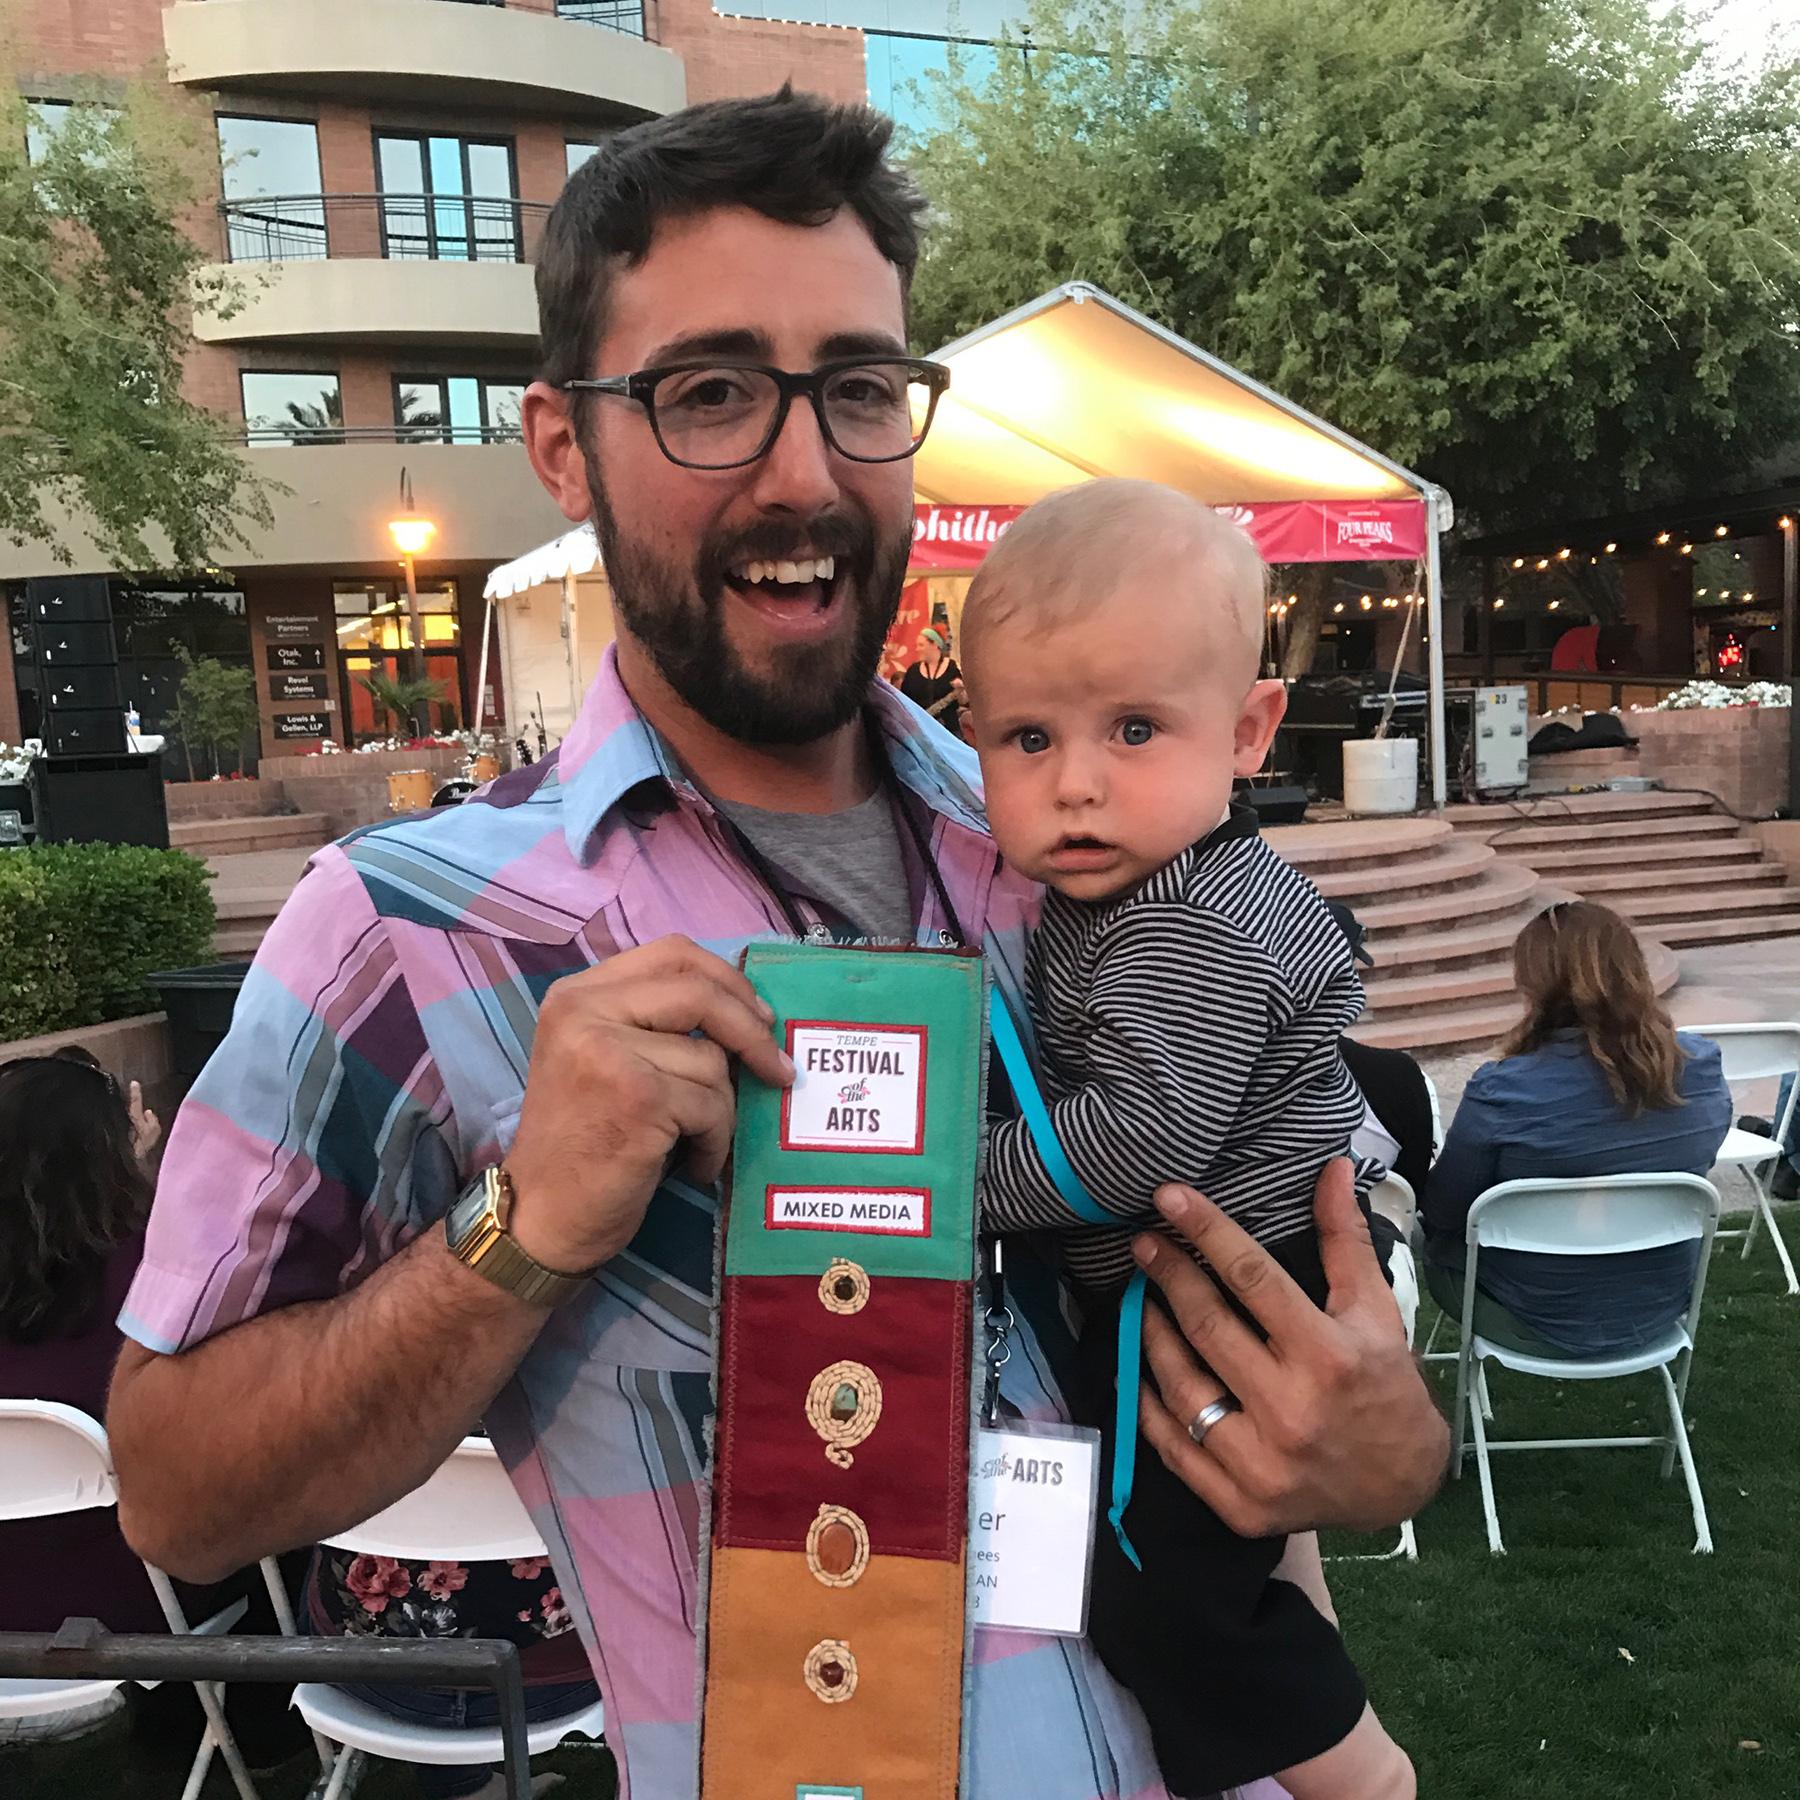 Orin helps me accept an award | April | Tempe, AZ